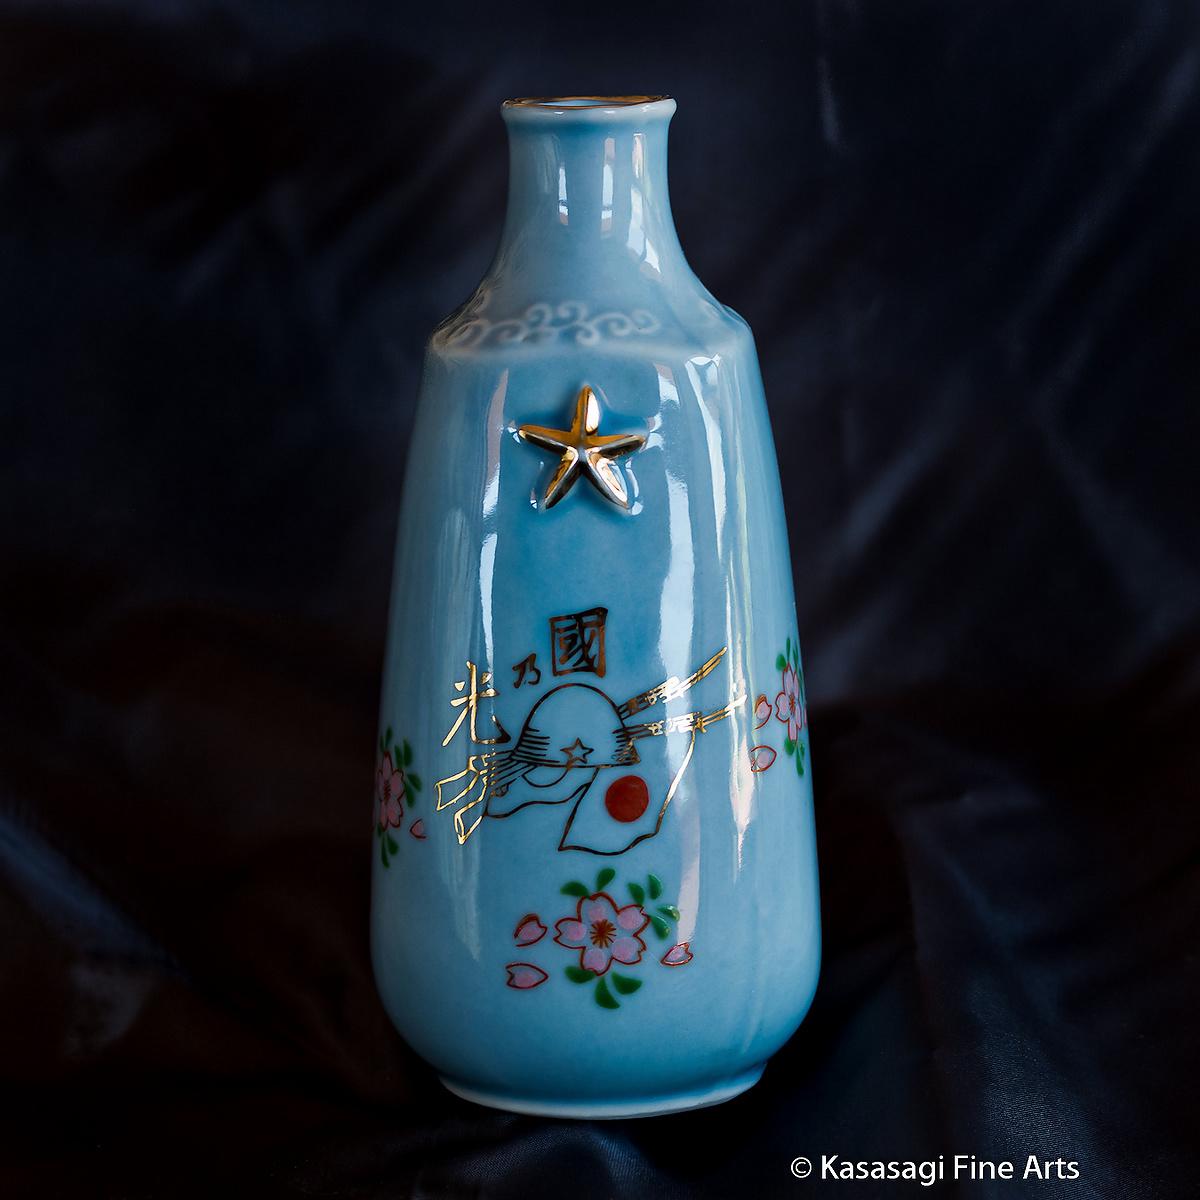 Just Released IJA Military Items Online Kasasagi Fine Arts